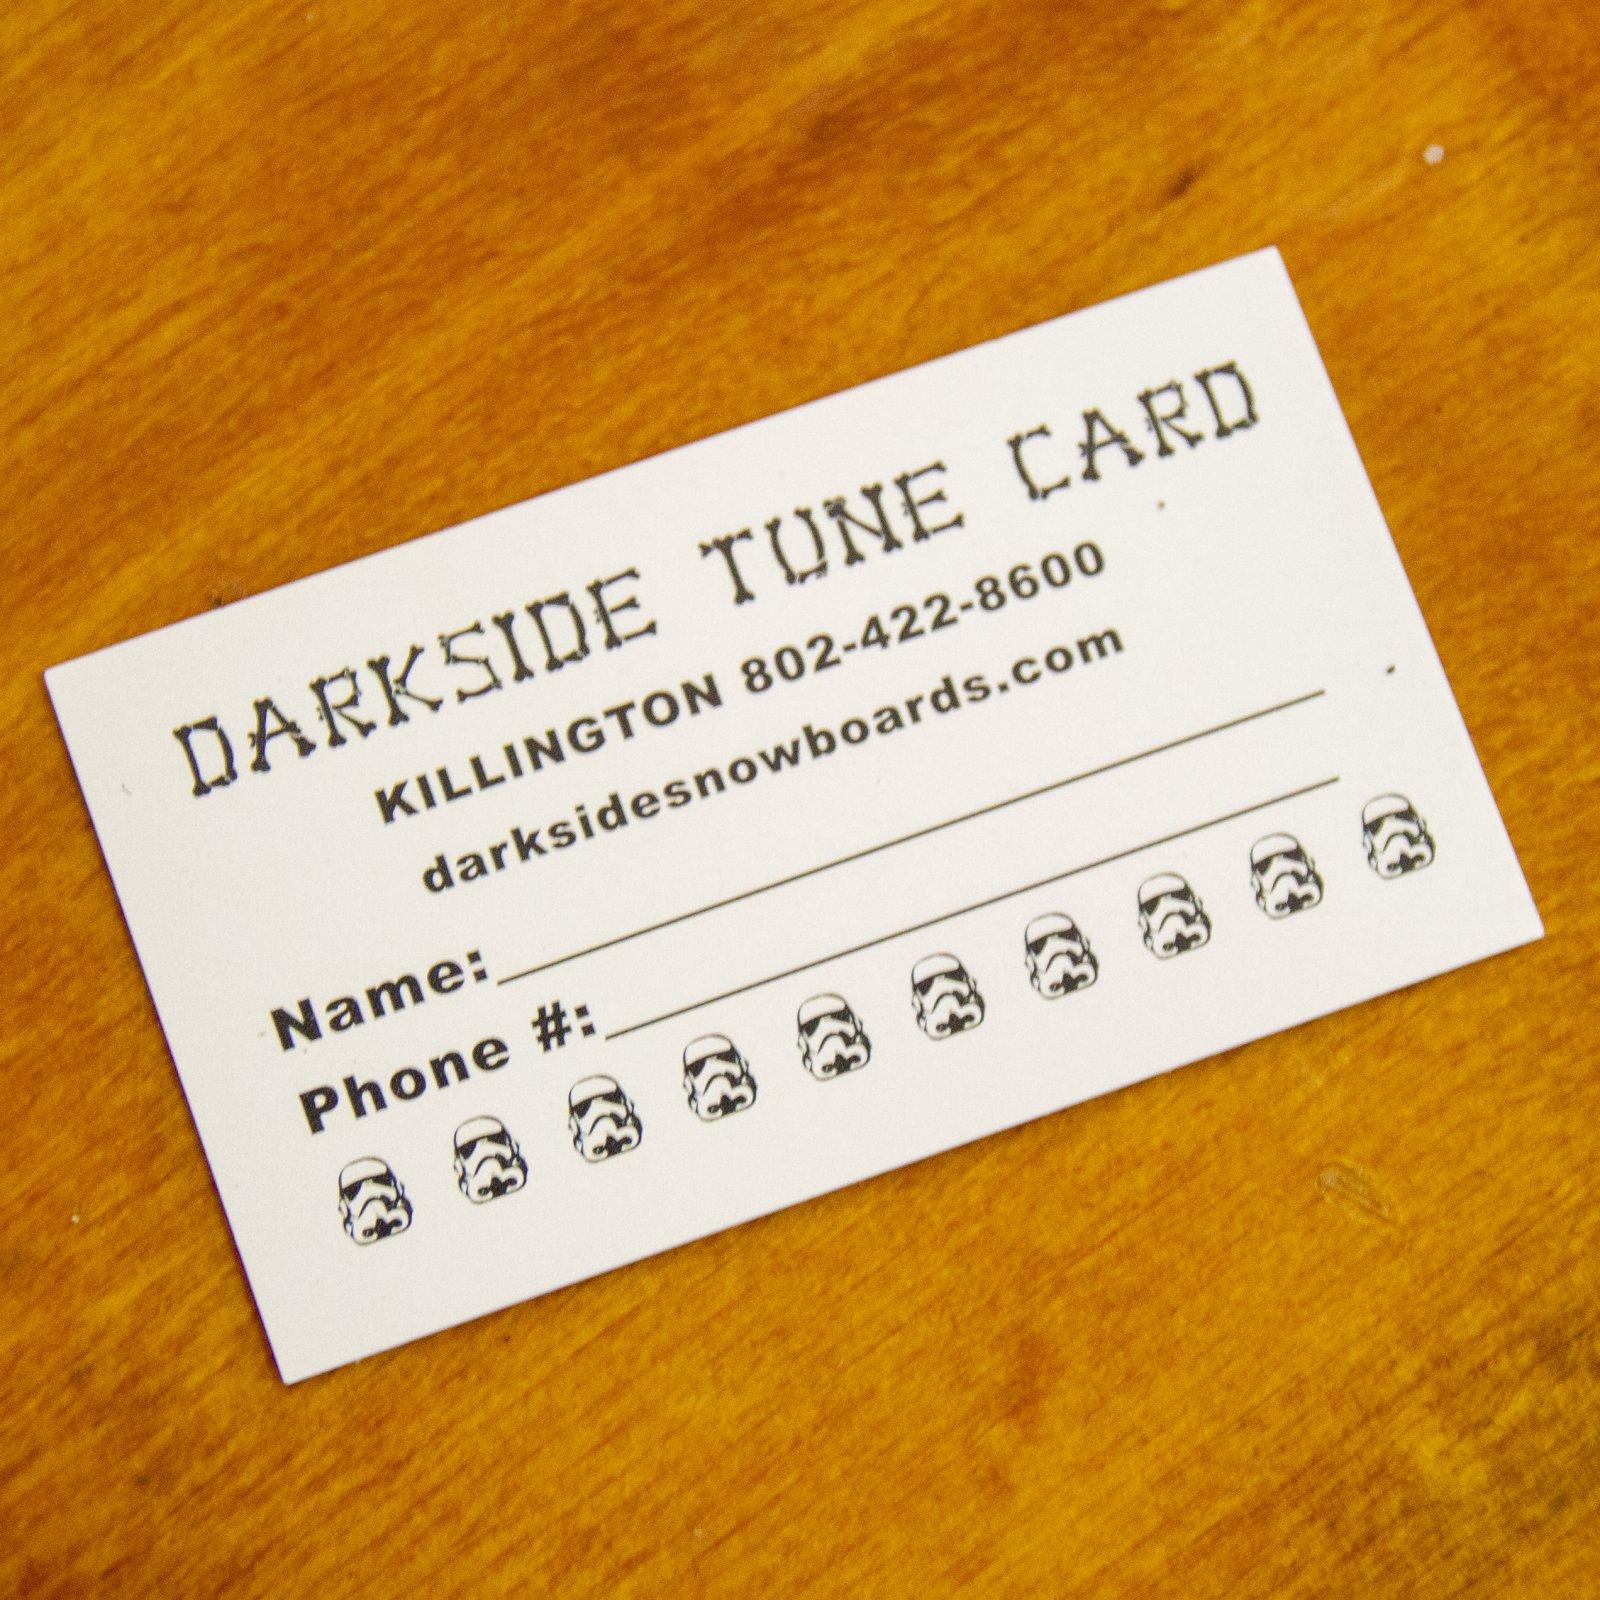 Darkside 10 Tune Punch Card